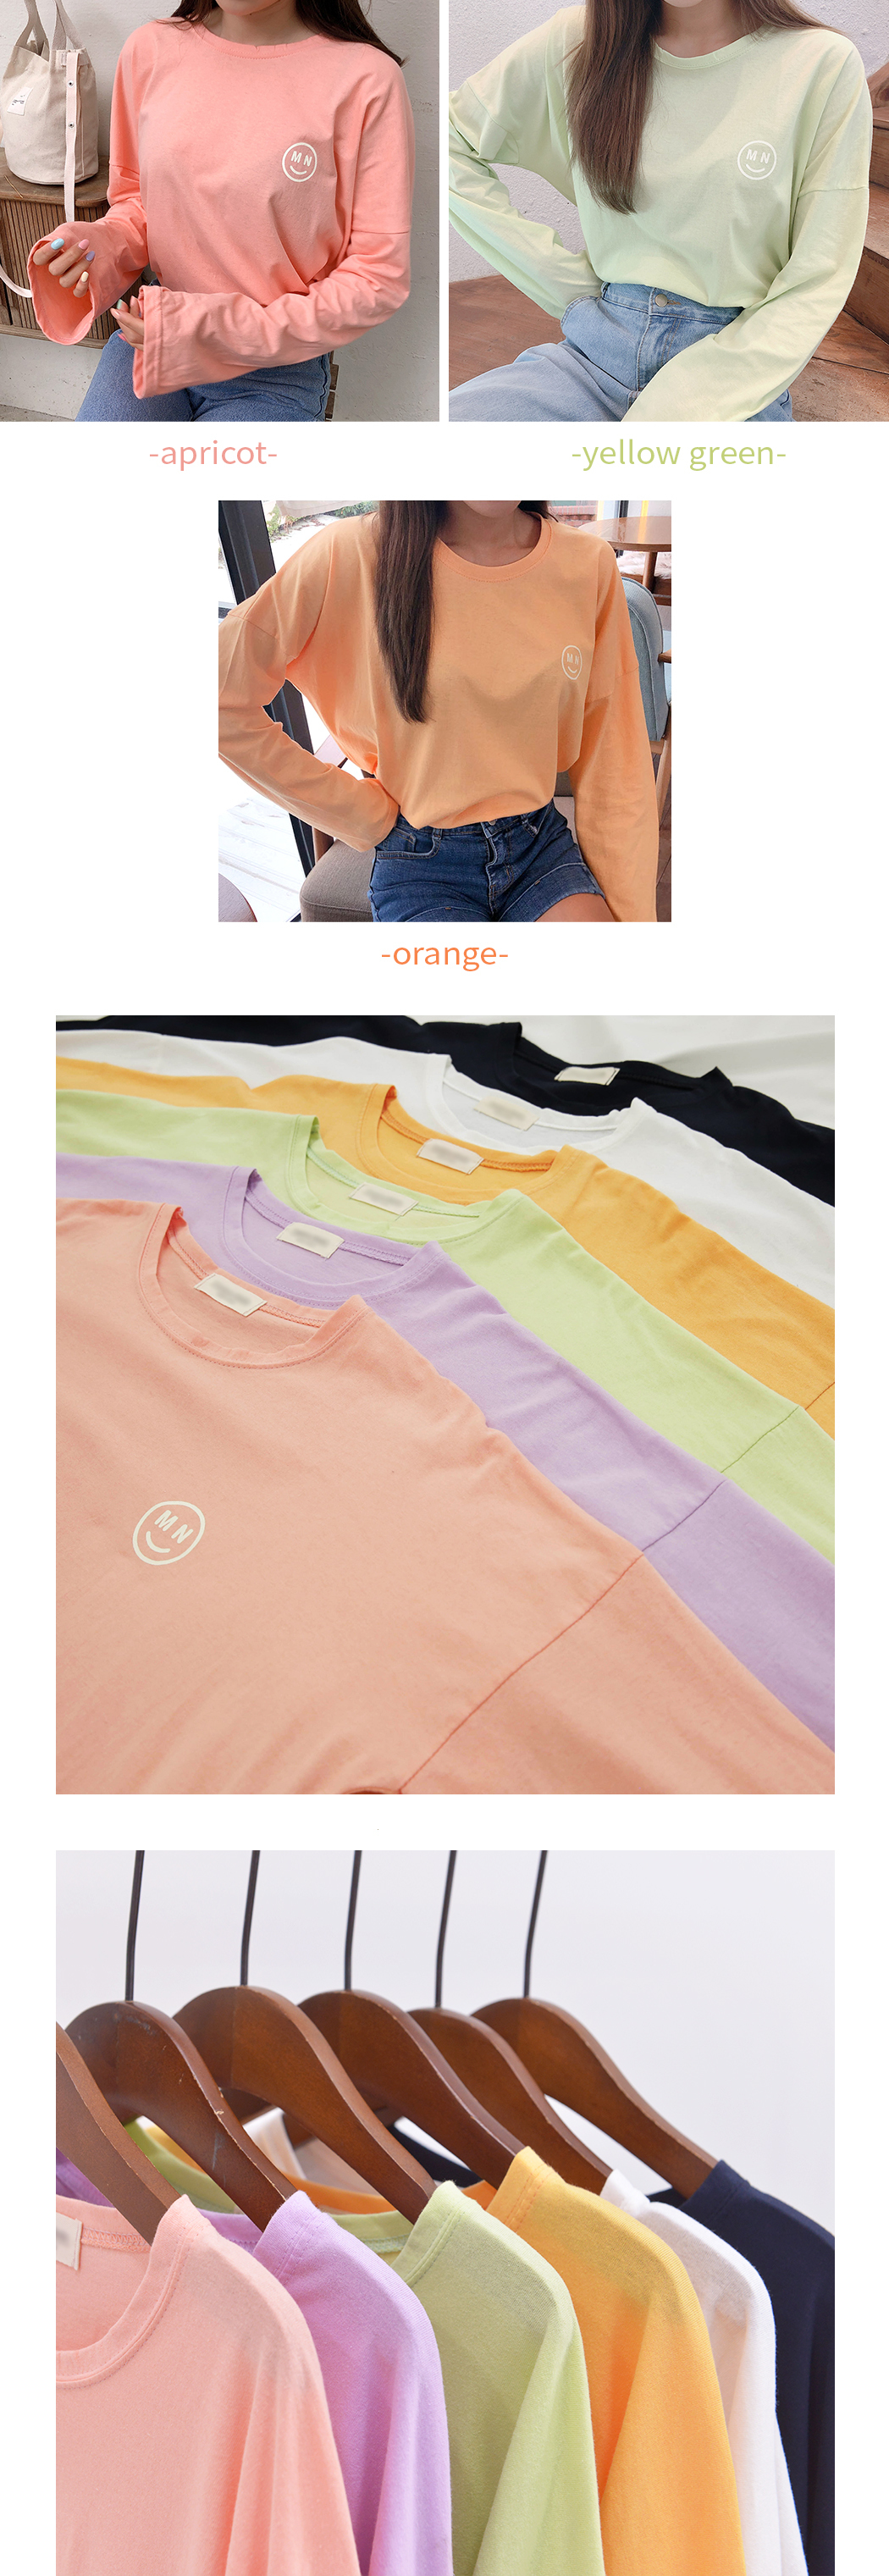 리리앤코 켈로드 스마일 루즈핏 티셔츠